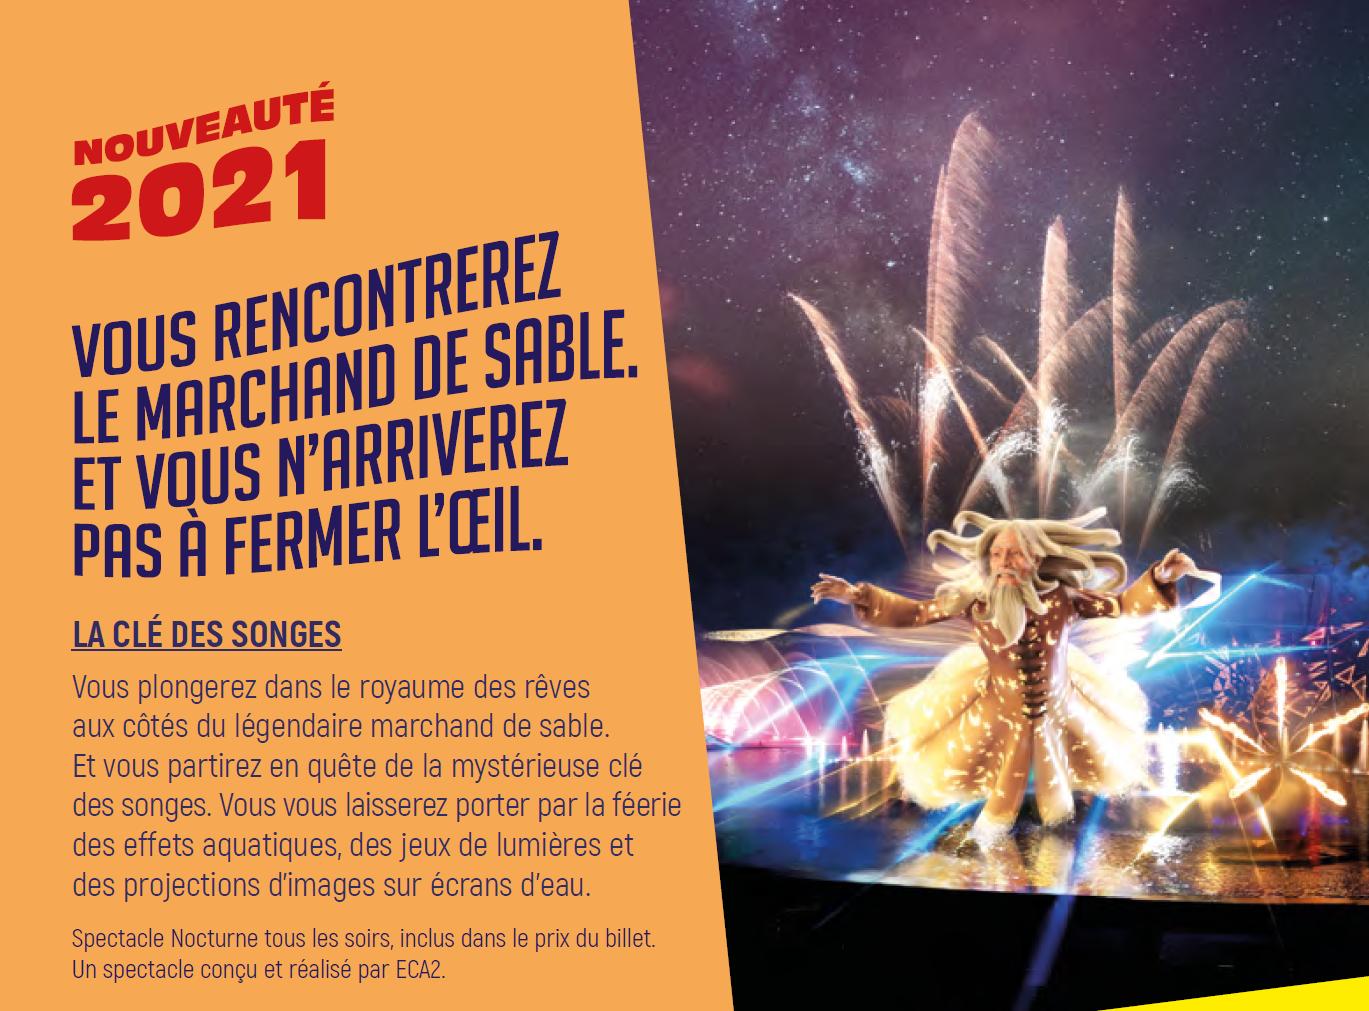 La Clé des songes (nouveau spectacle nocturne) · 2021 - Page 5 2021-brochure-printemps-t-p10-Cl-des-songes